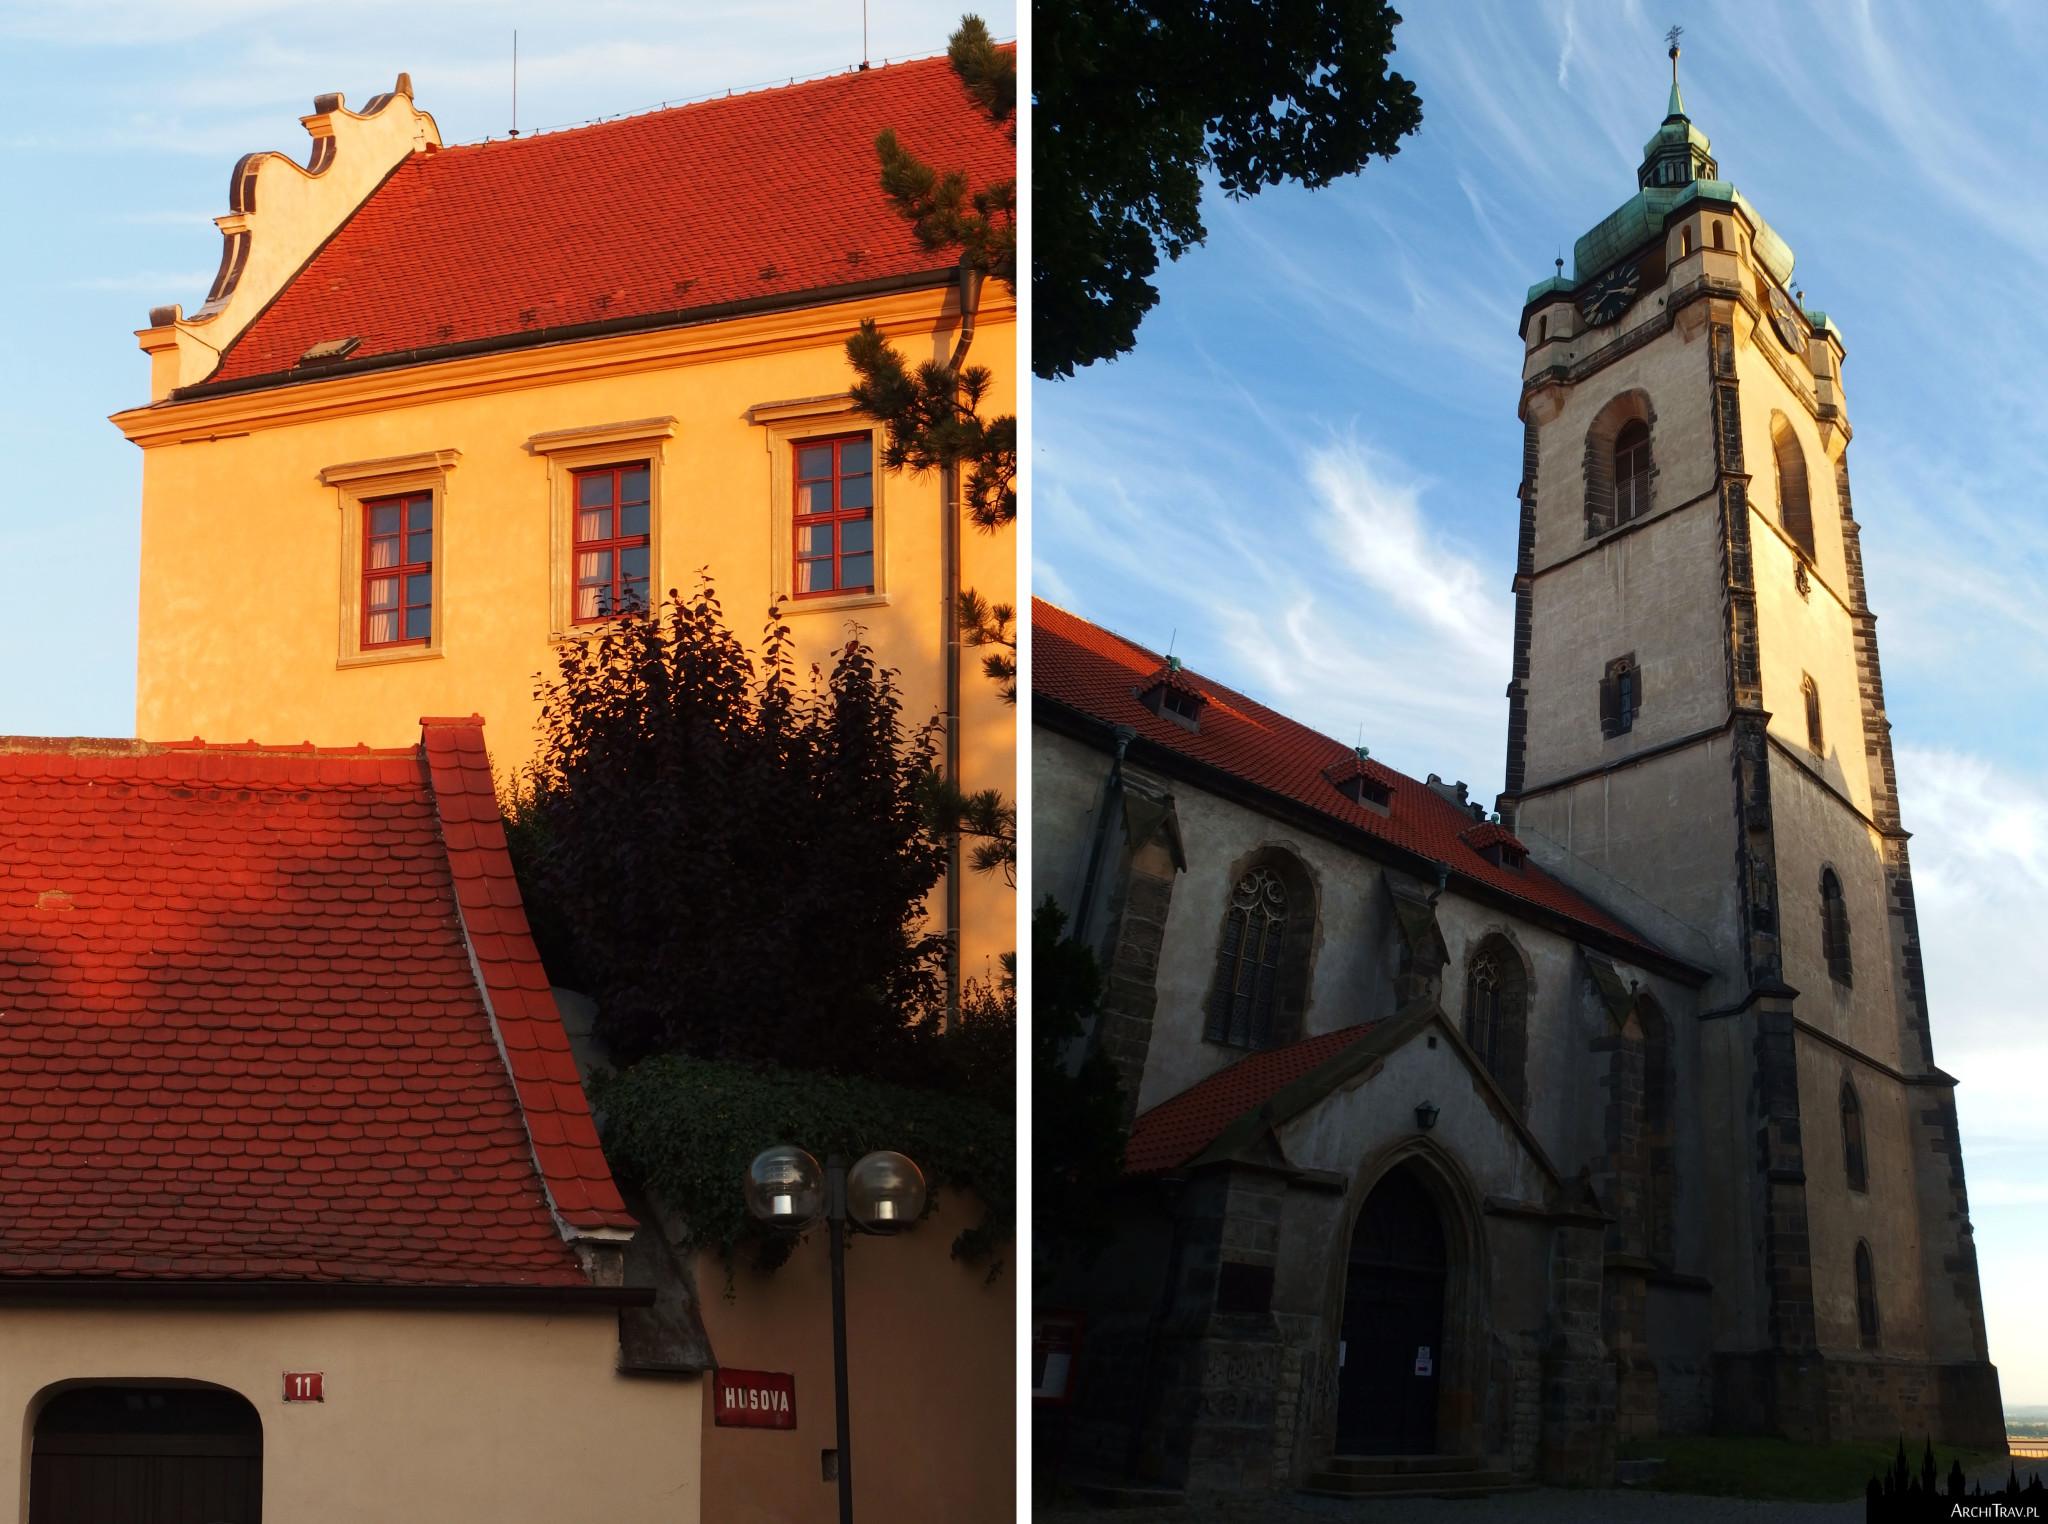 dwa zdjęcia - jedno zbliżenie na część zamku, drugie przedstawia kościół z wysoką wieżą